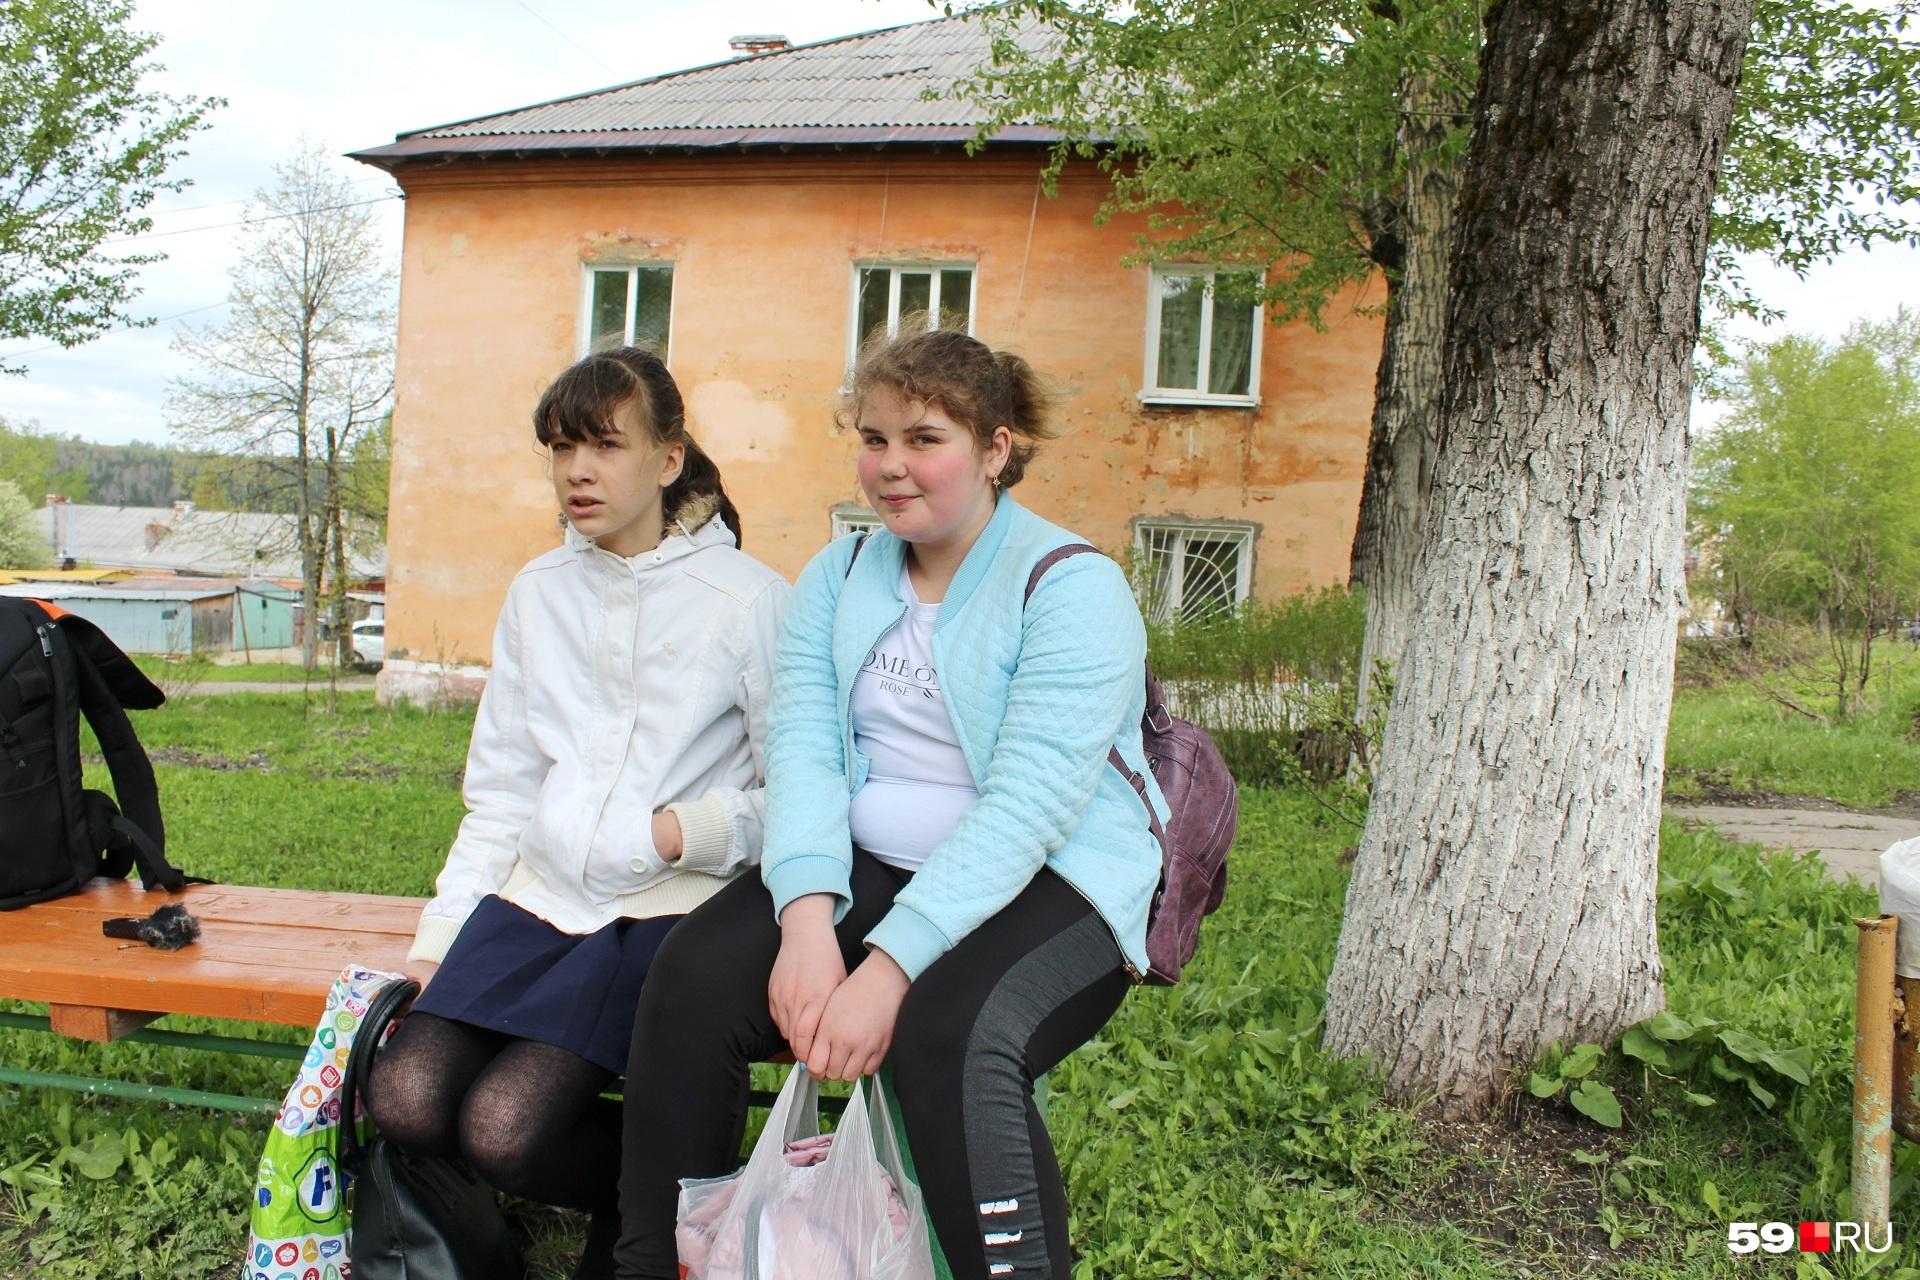 Кира (шестой класс, справа) и Карина (пятый класс). Так они представились